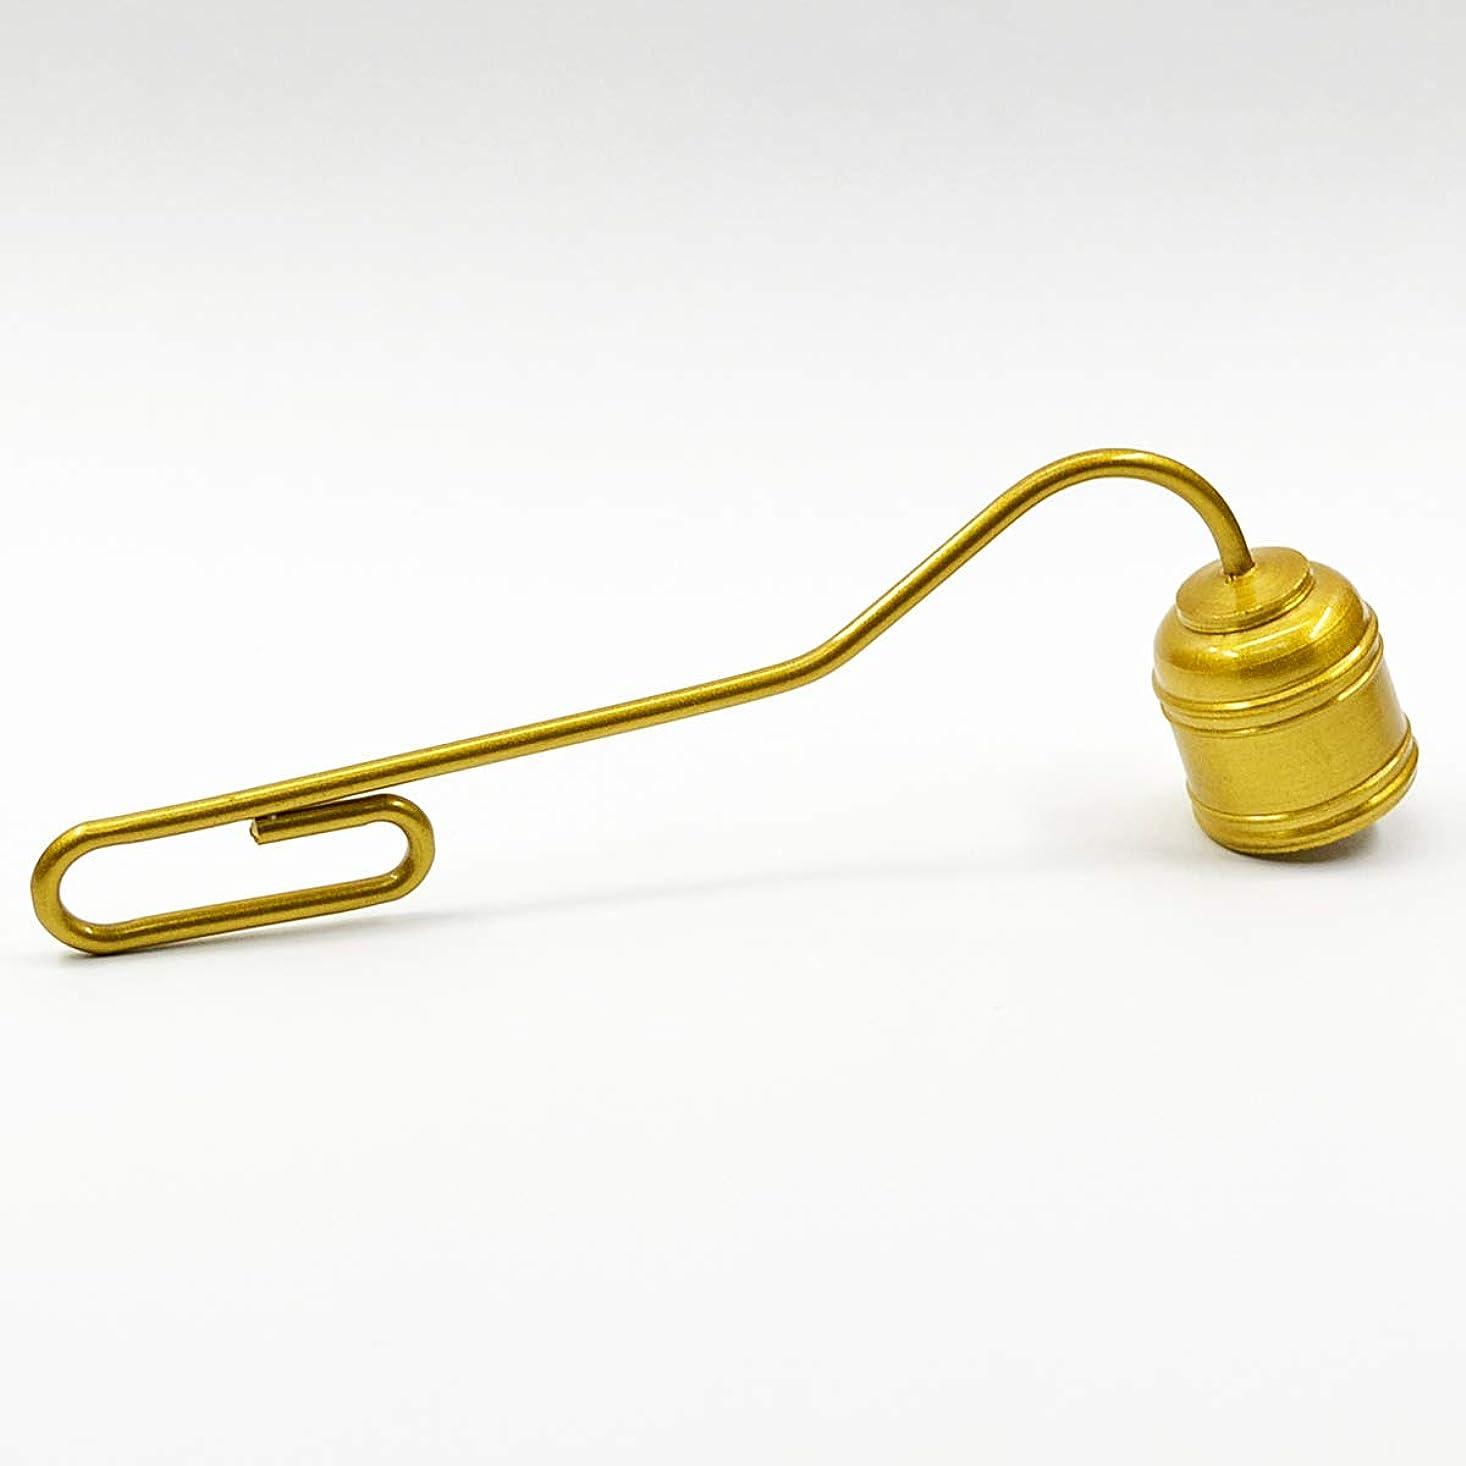 欠陥運命的な気難しいローソク火消し/038ゴールド/真鍮/火消し/ろーそく消し/ロウソク消し/ローソク消し